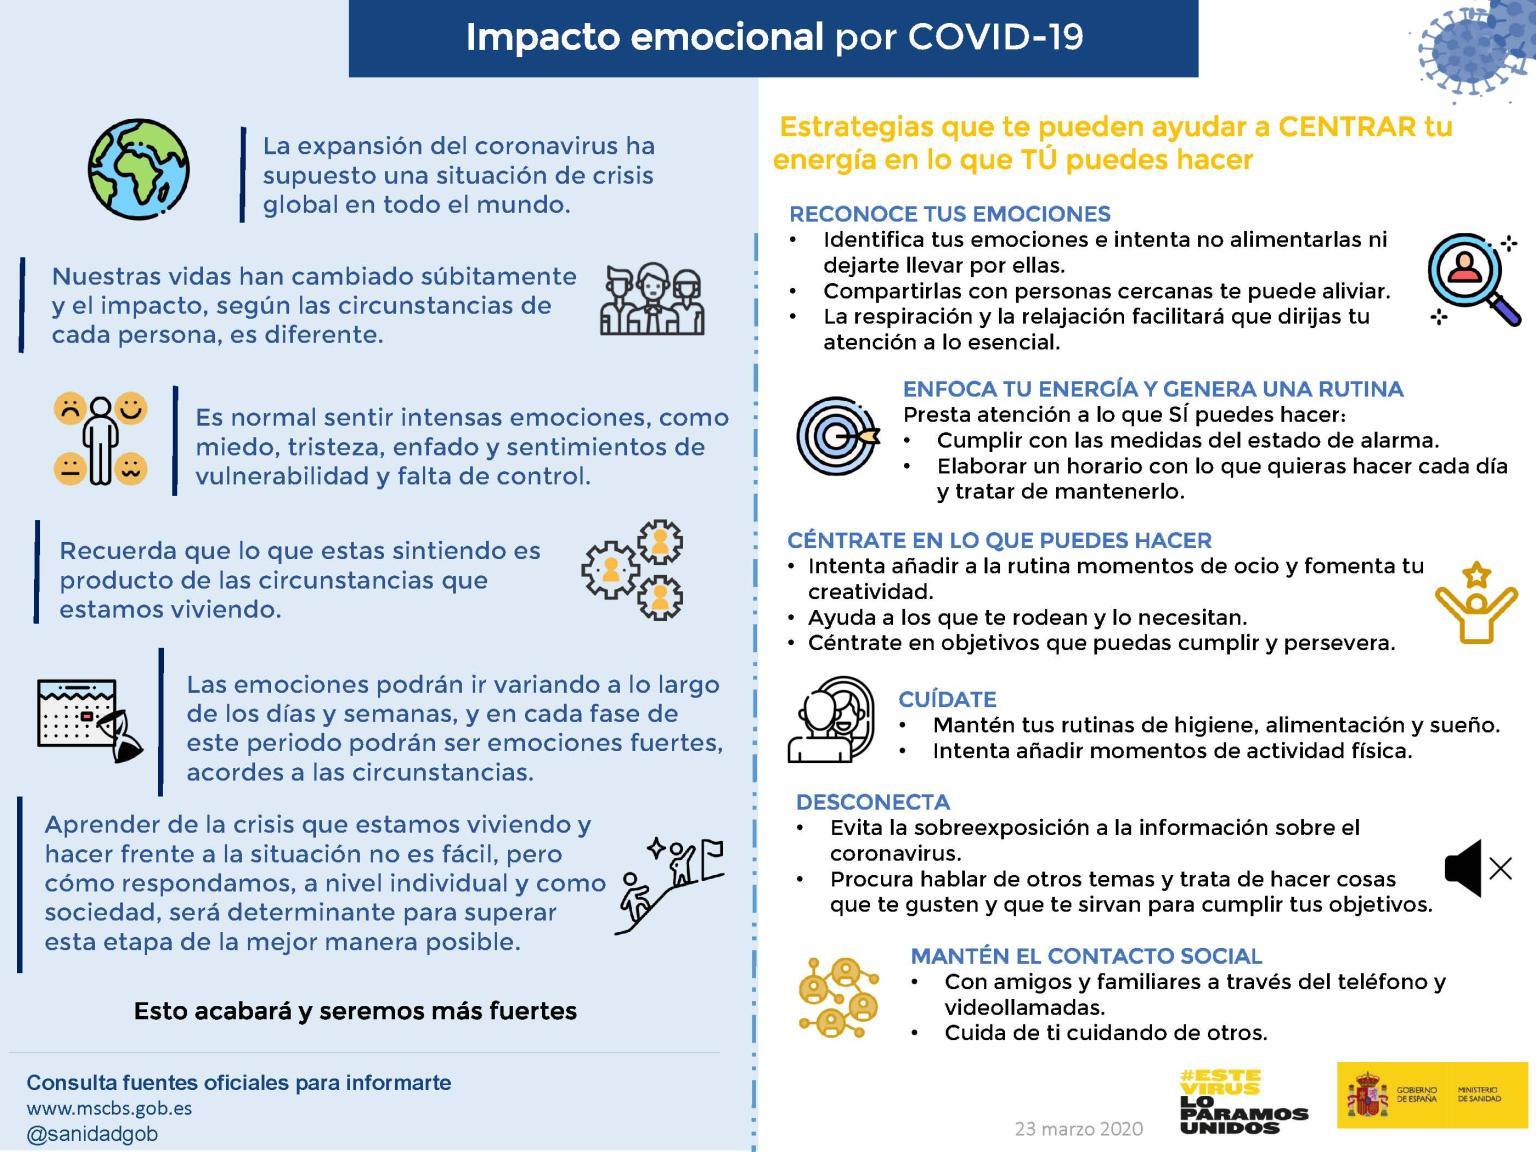 Impacto emocional por covid-19